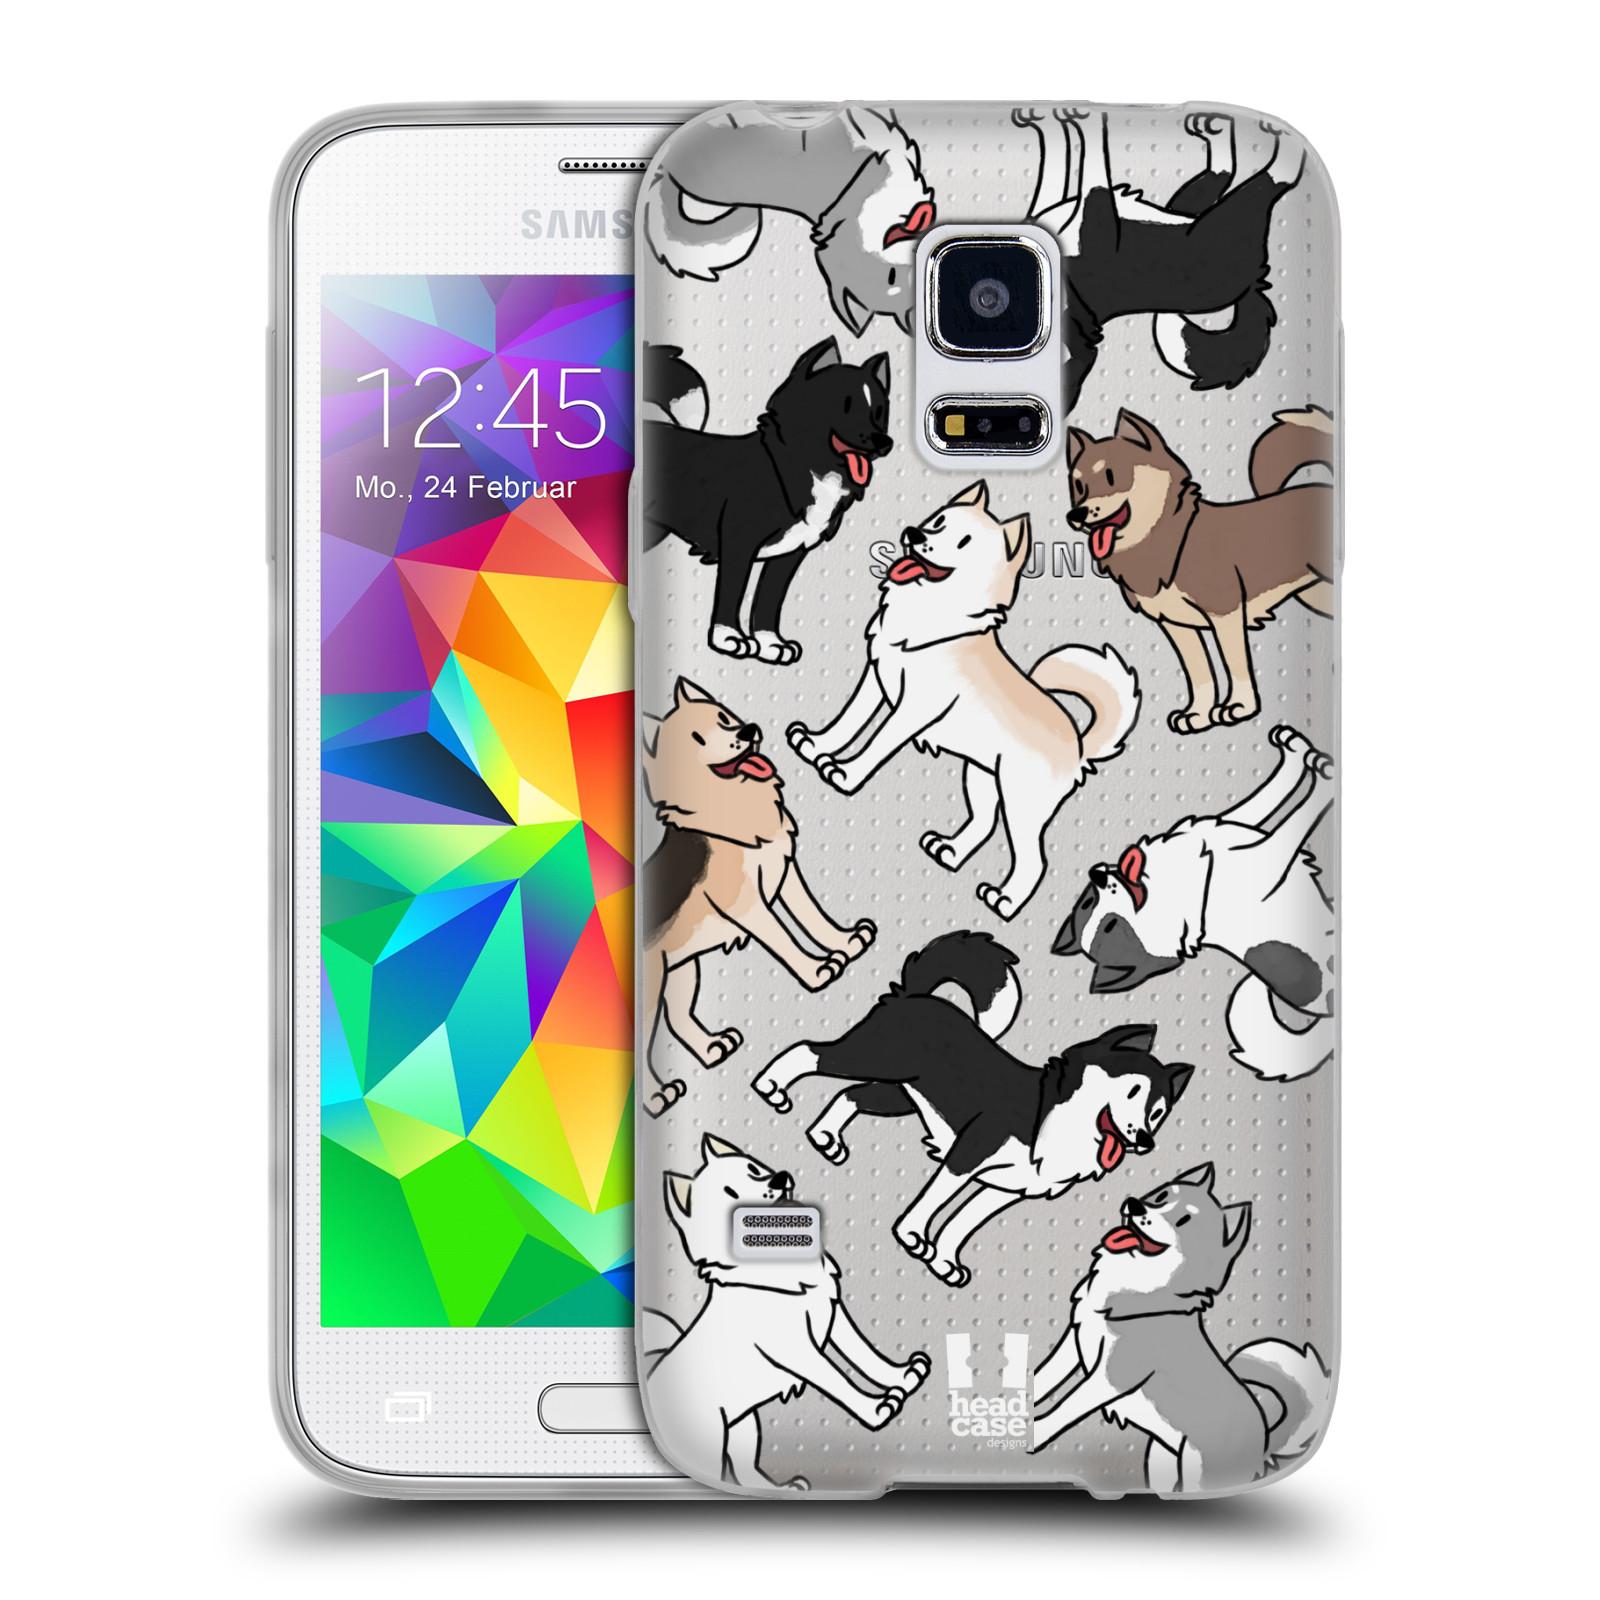 HEAD CASE silikonový obal na mobil Samsung Galaxy S5 MINI pejsek Sibiřský husky